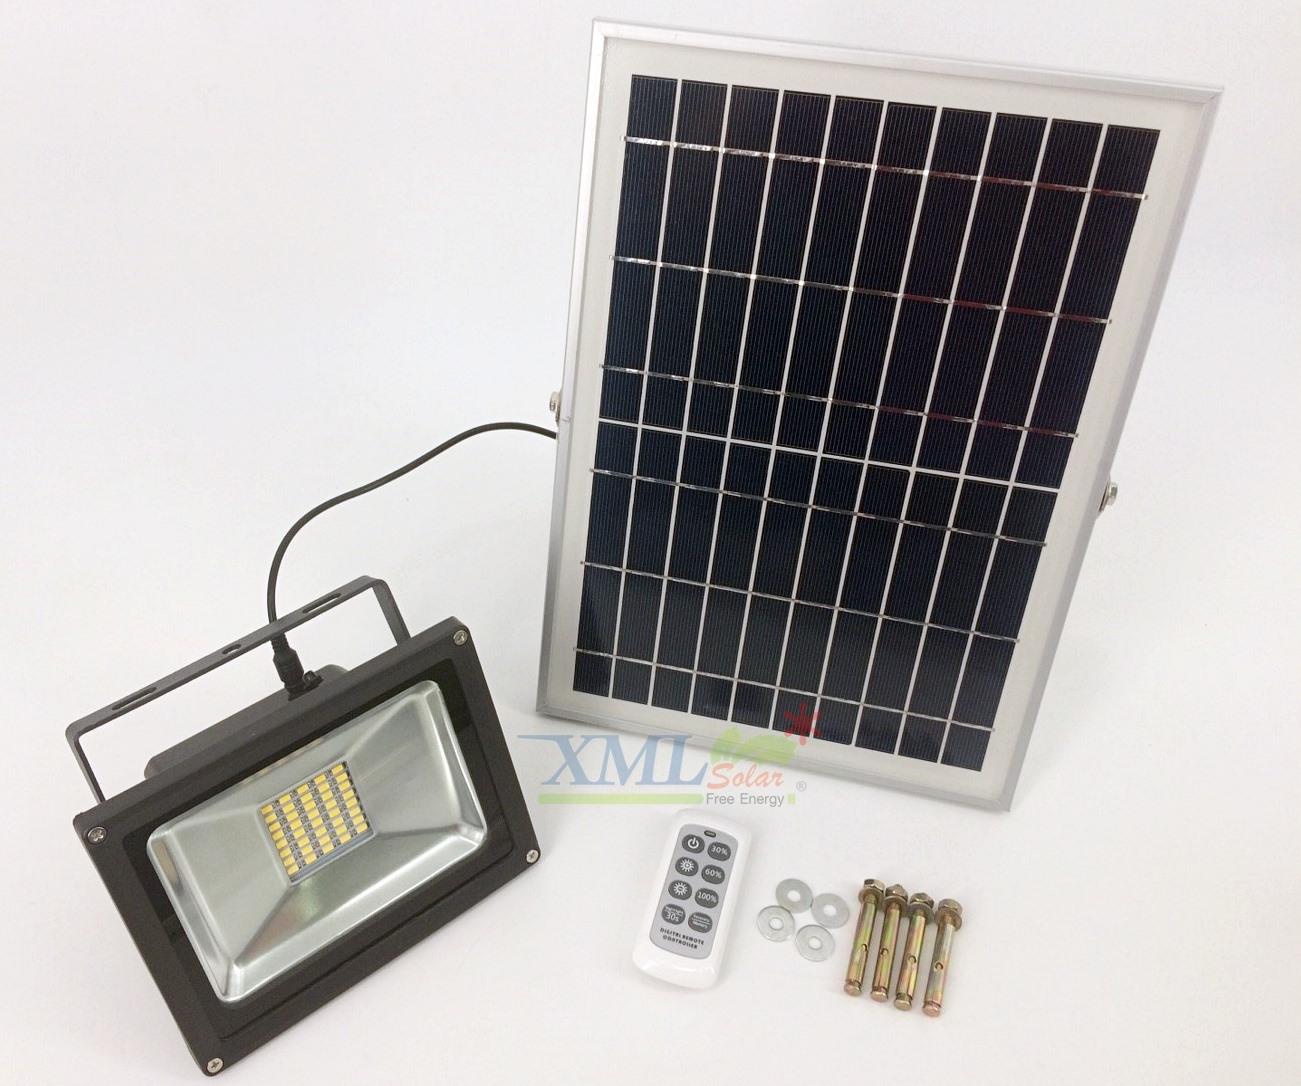 ไฟสปอตไลท์โซล่าเซลล์ 20 Watt รีโมทขาว (เเสง : เหลืองวอมไวท์)